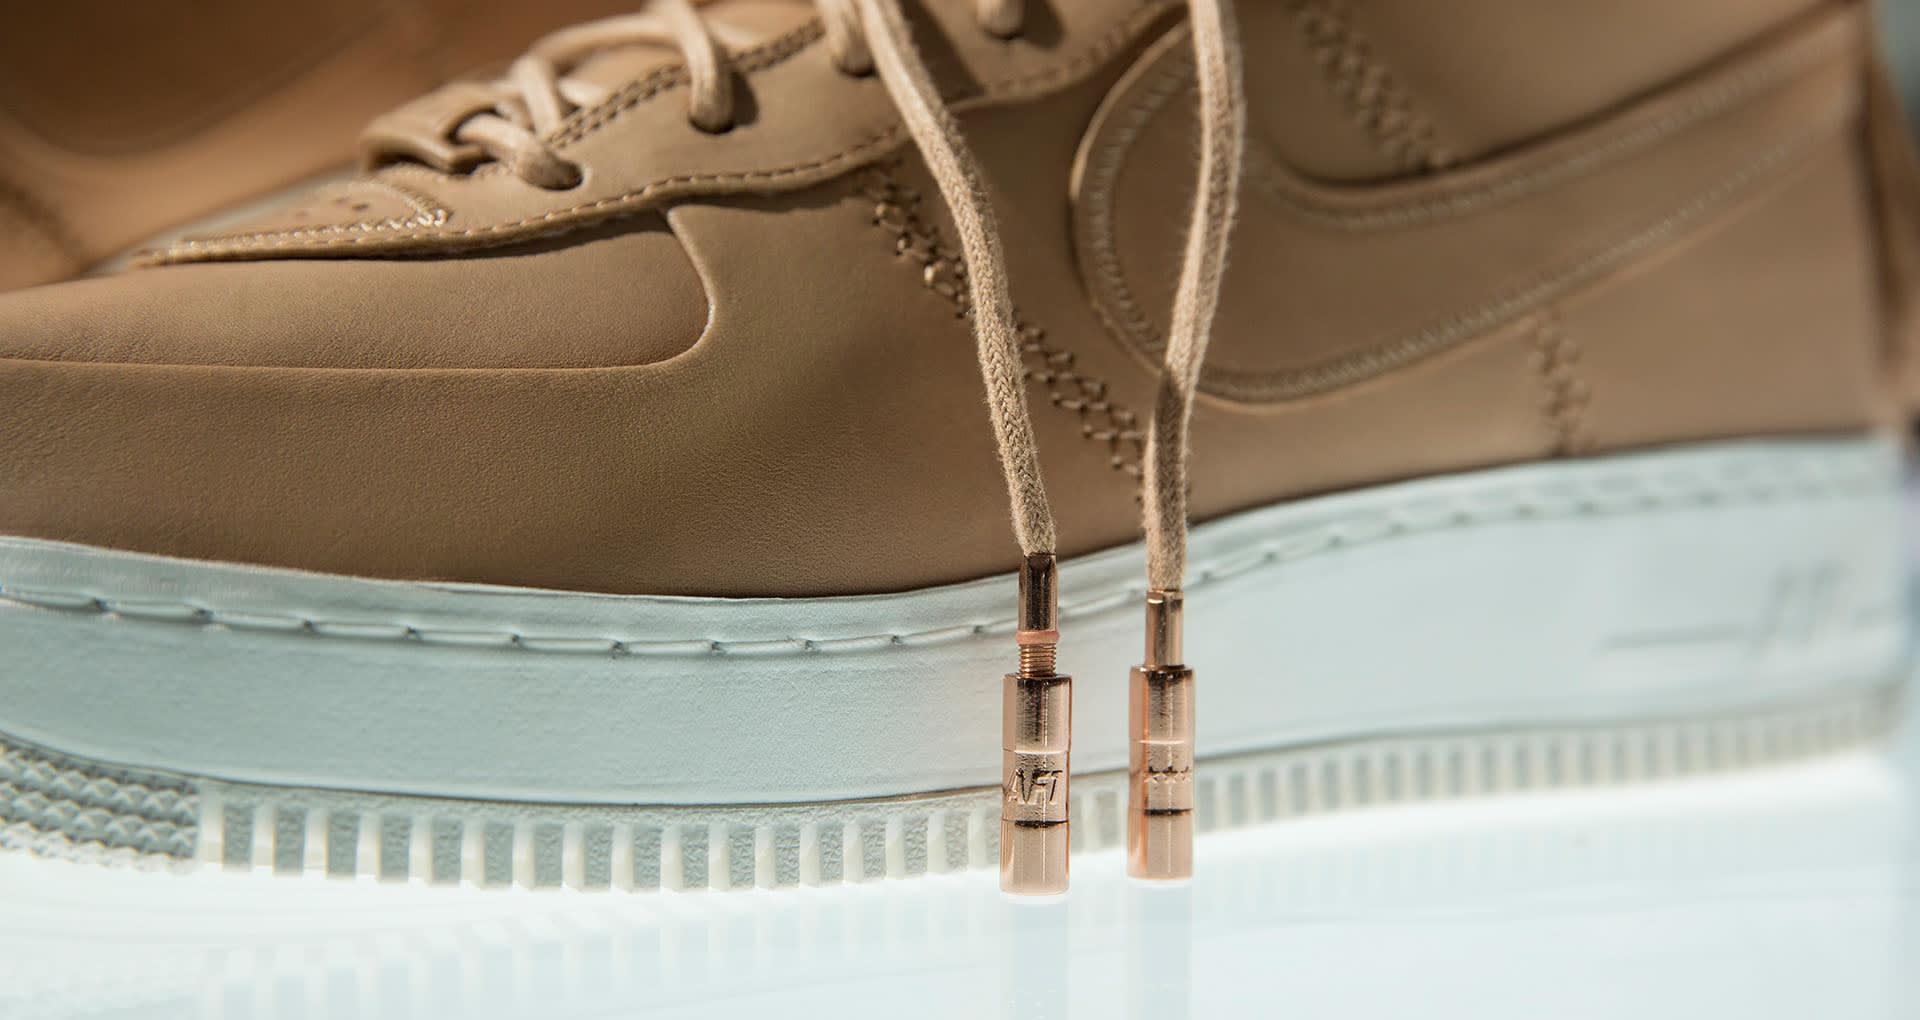 Nike Air Force 1 Sport Luxury Vachetta Tan Aglets